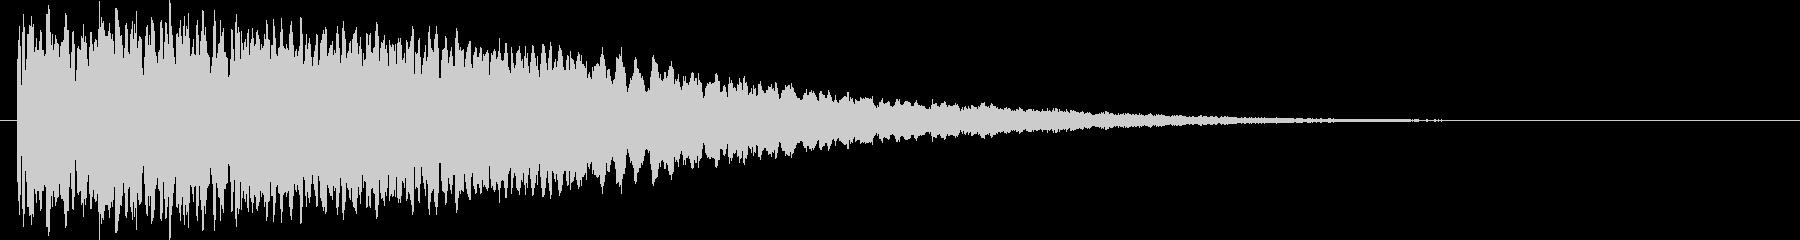 UFO 流星 キラキラ 下降音の未再生の波形